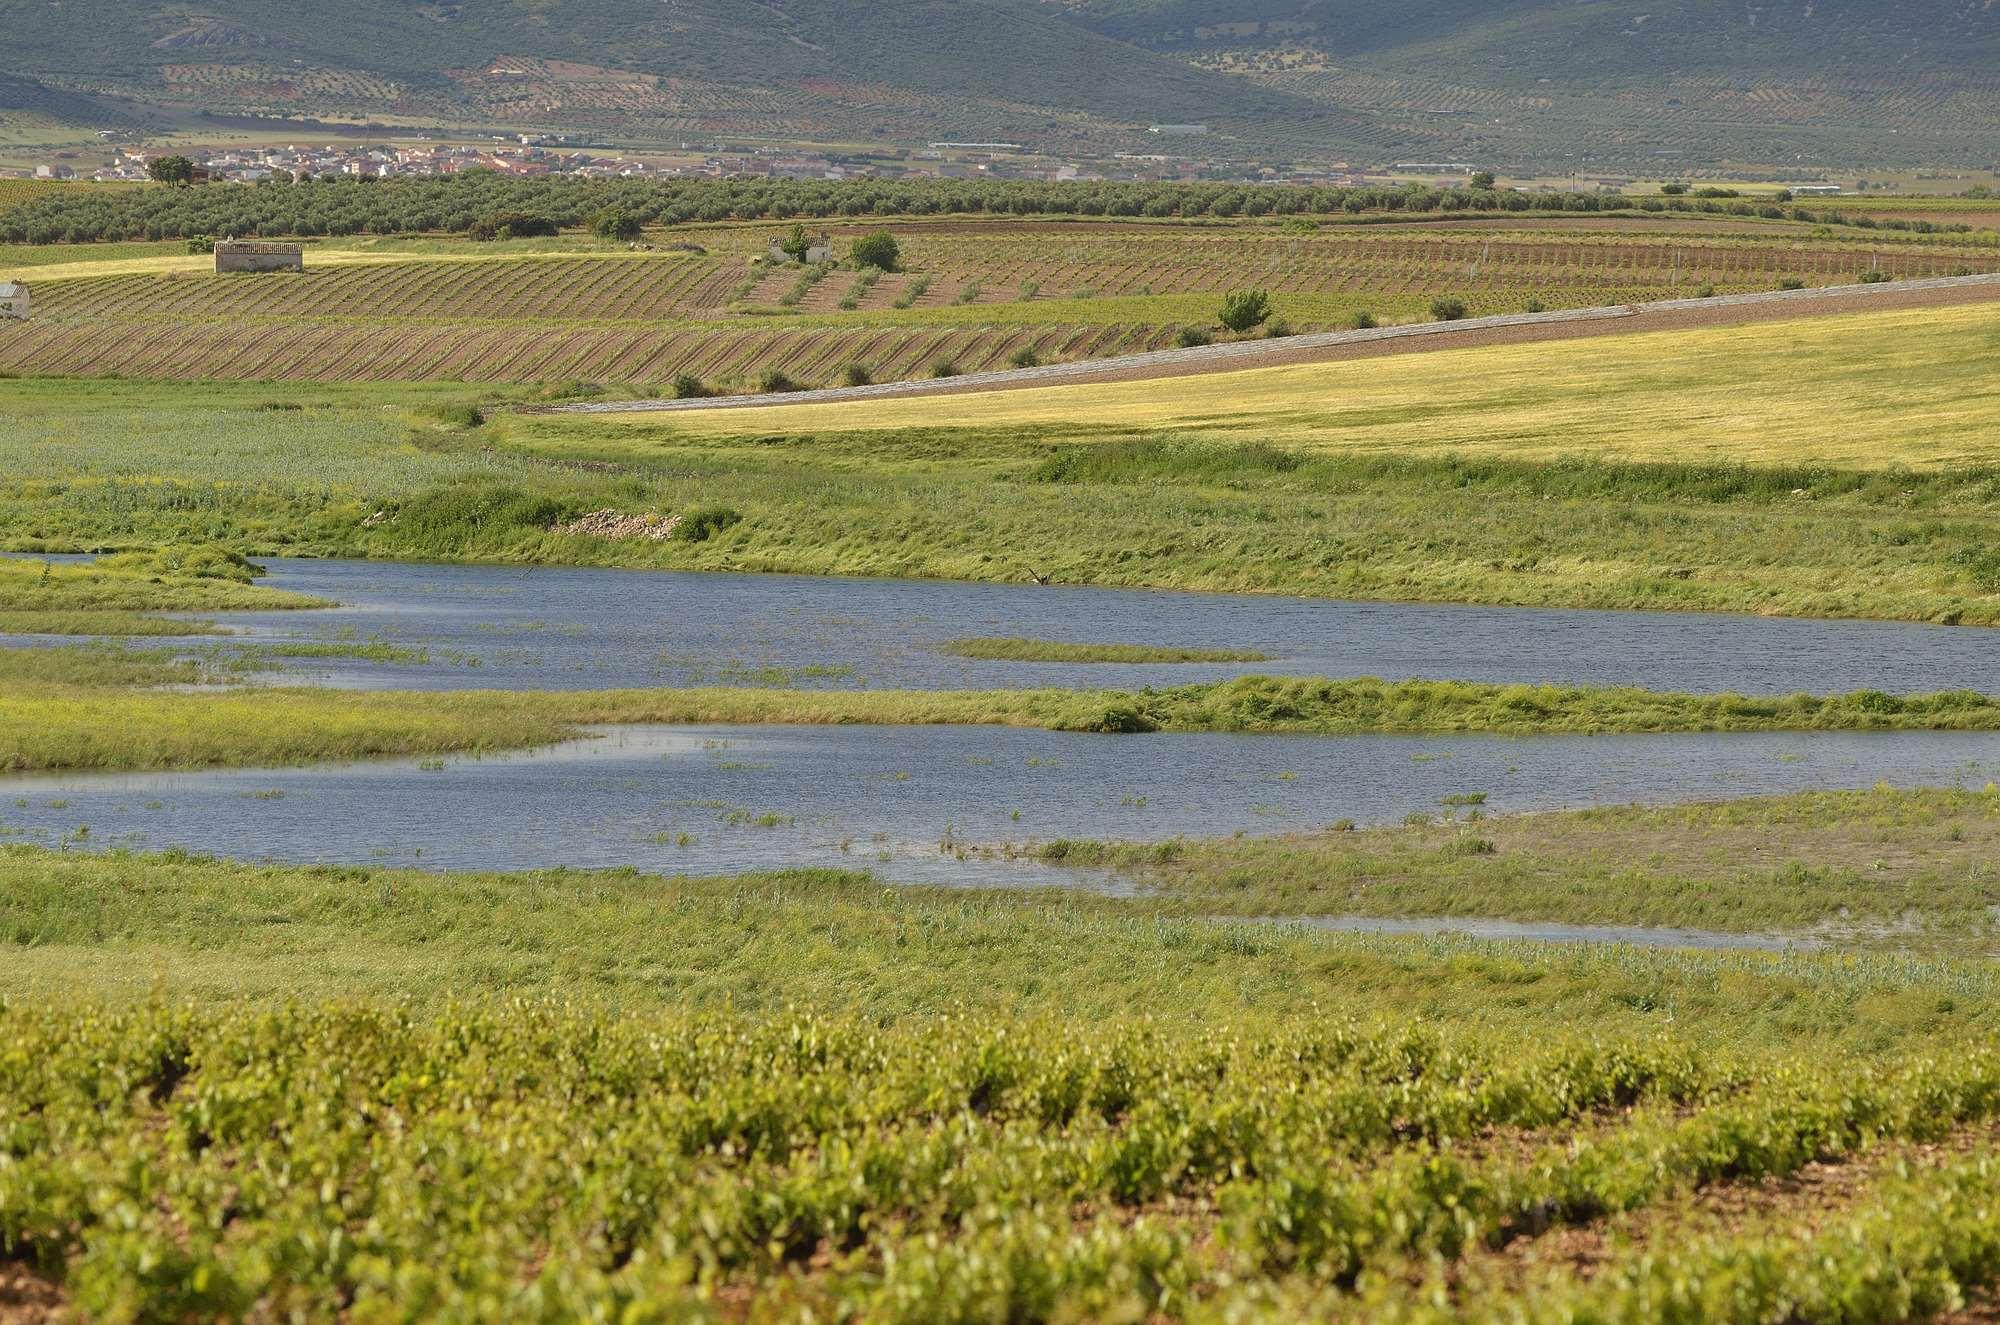 Ahorramos 3.000 millones de litros de agua en Daimiel gracias al riego eficiente de Misión Posible